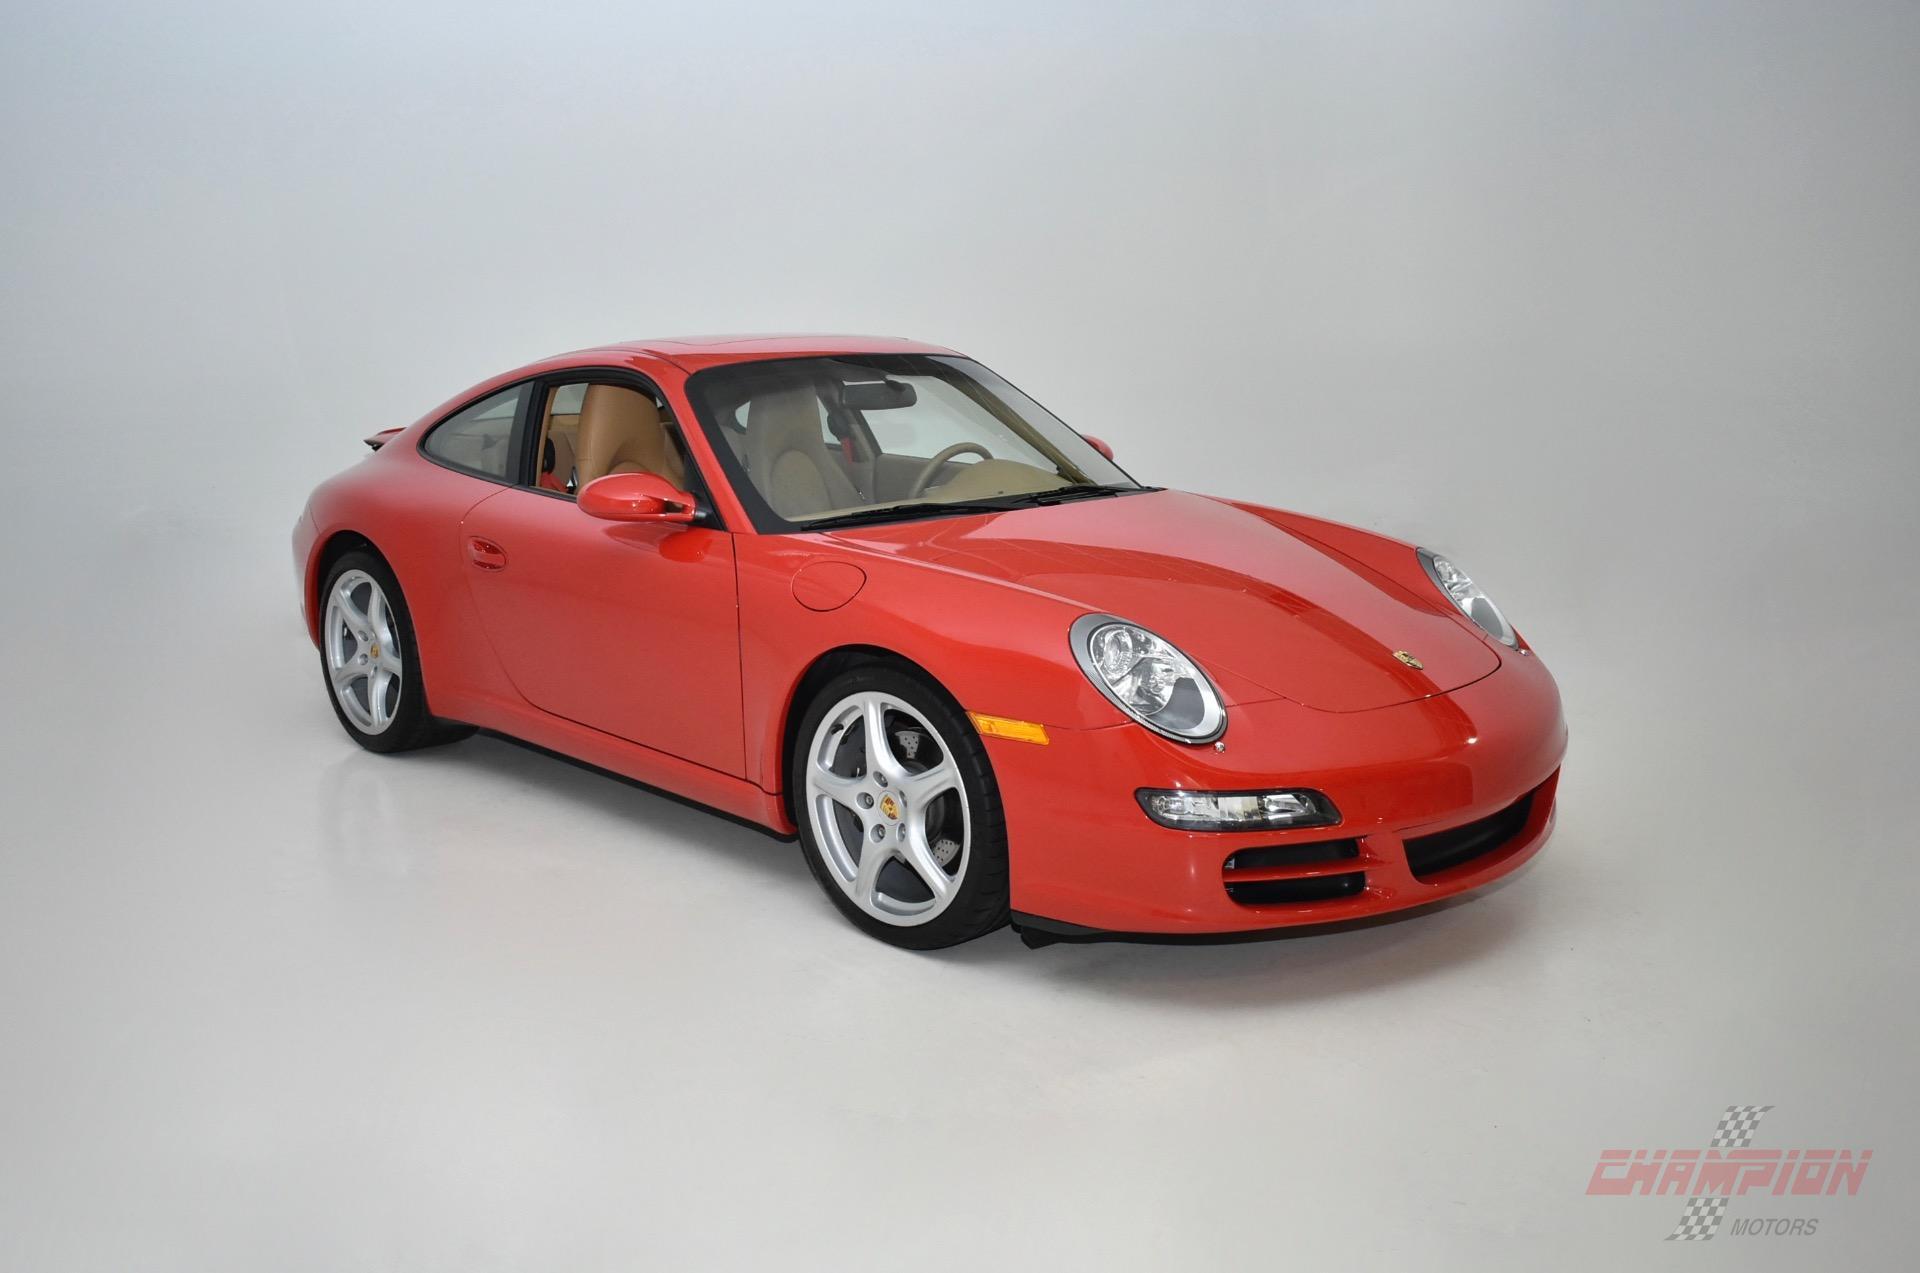 2006 Porsche 911 Carrera Exotic And Classic Car